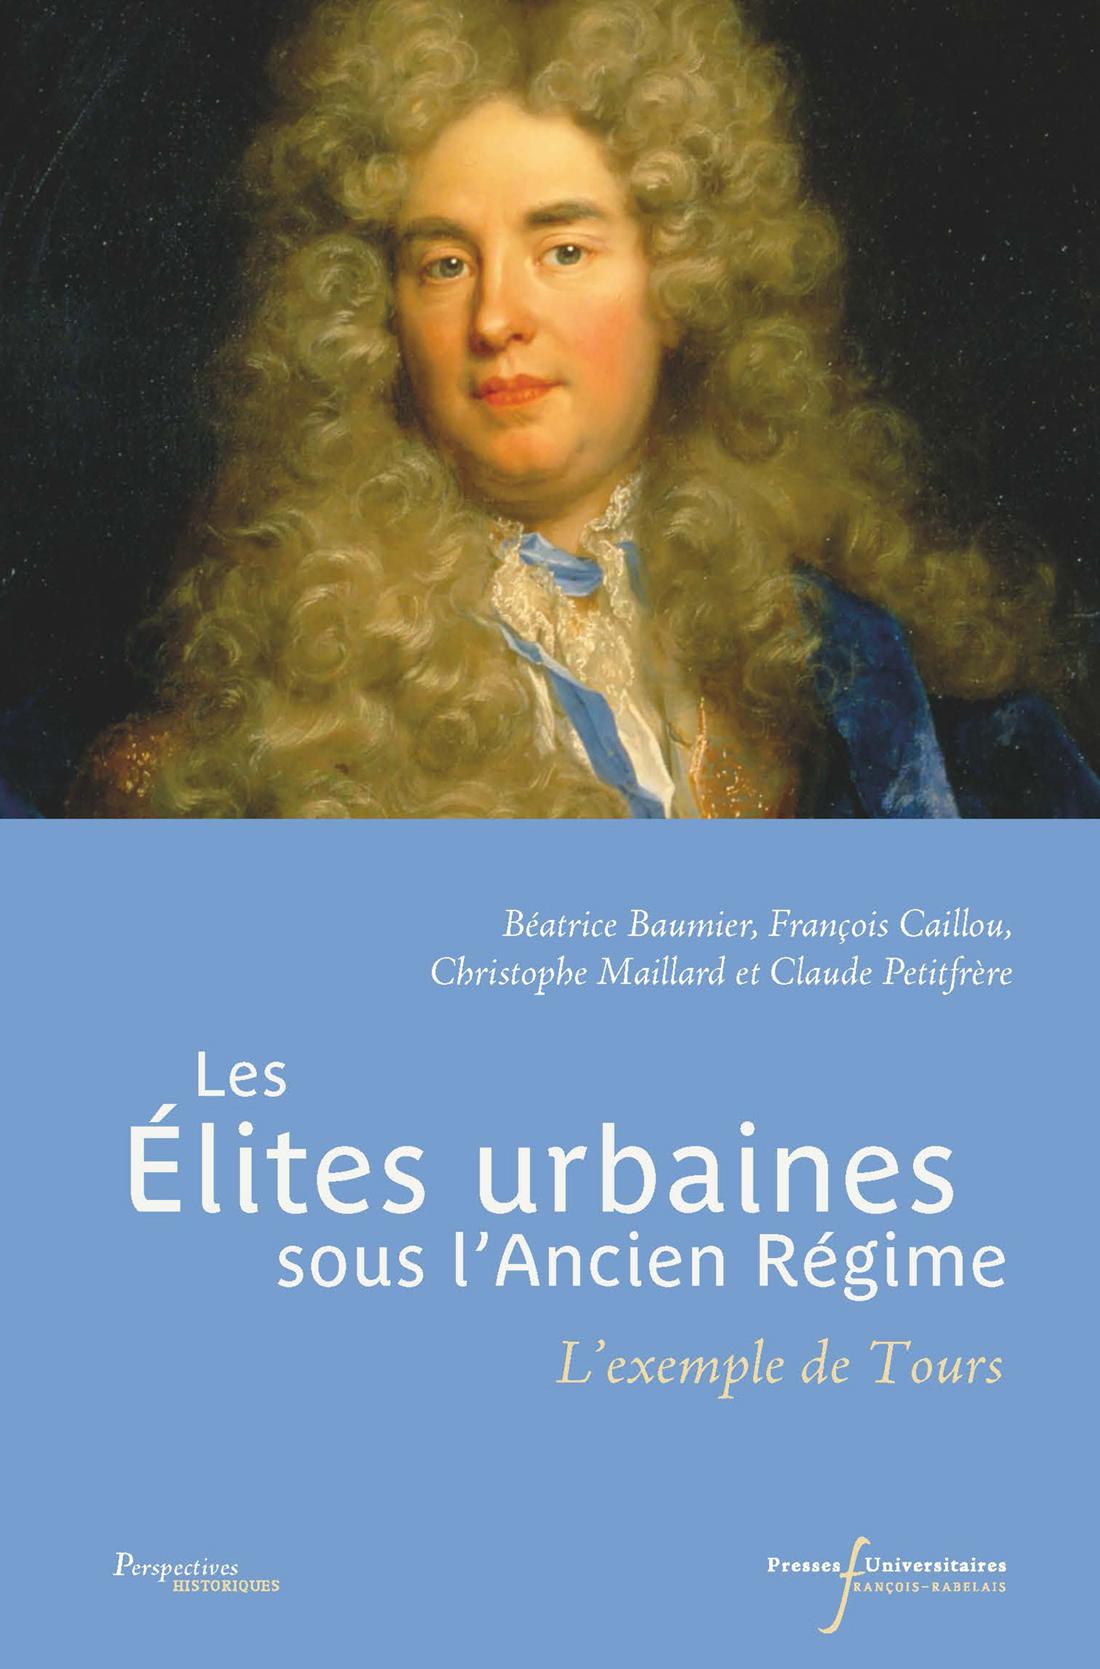 Les élites urbaines sous l'Ancien Régime